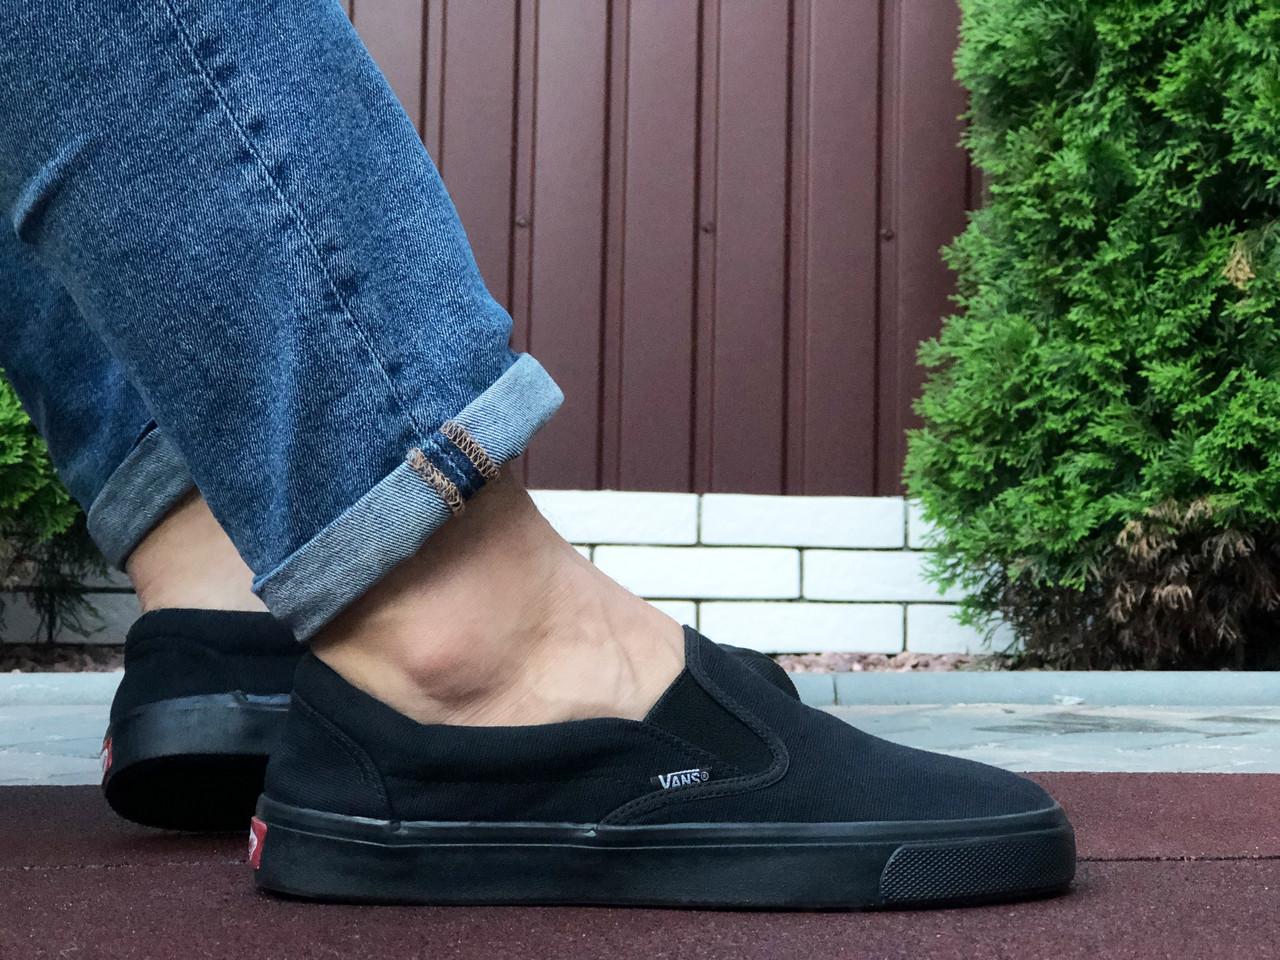 Мужские кеды Vans (черные) B10572 удобная легкая обувь без шнурков